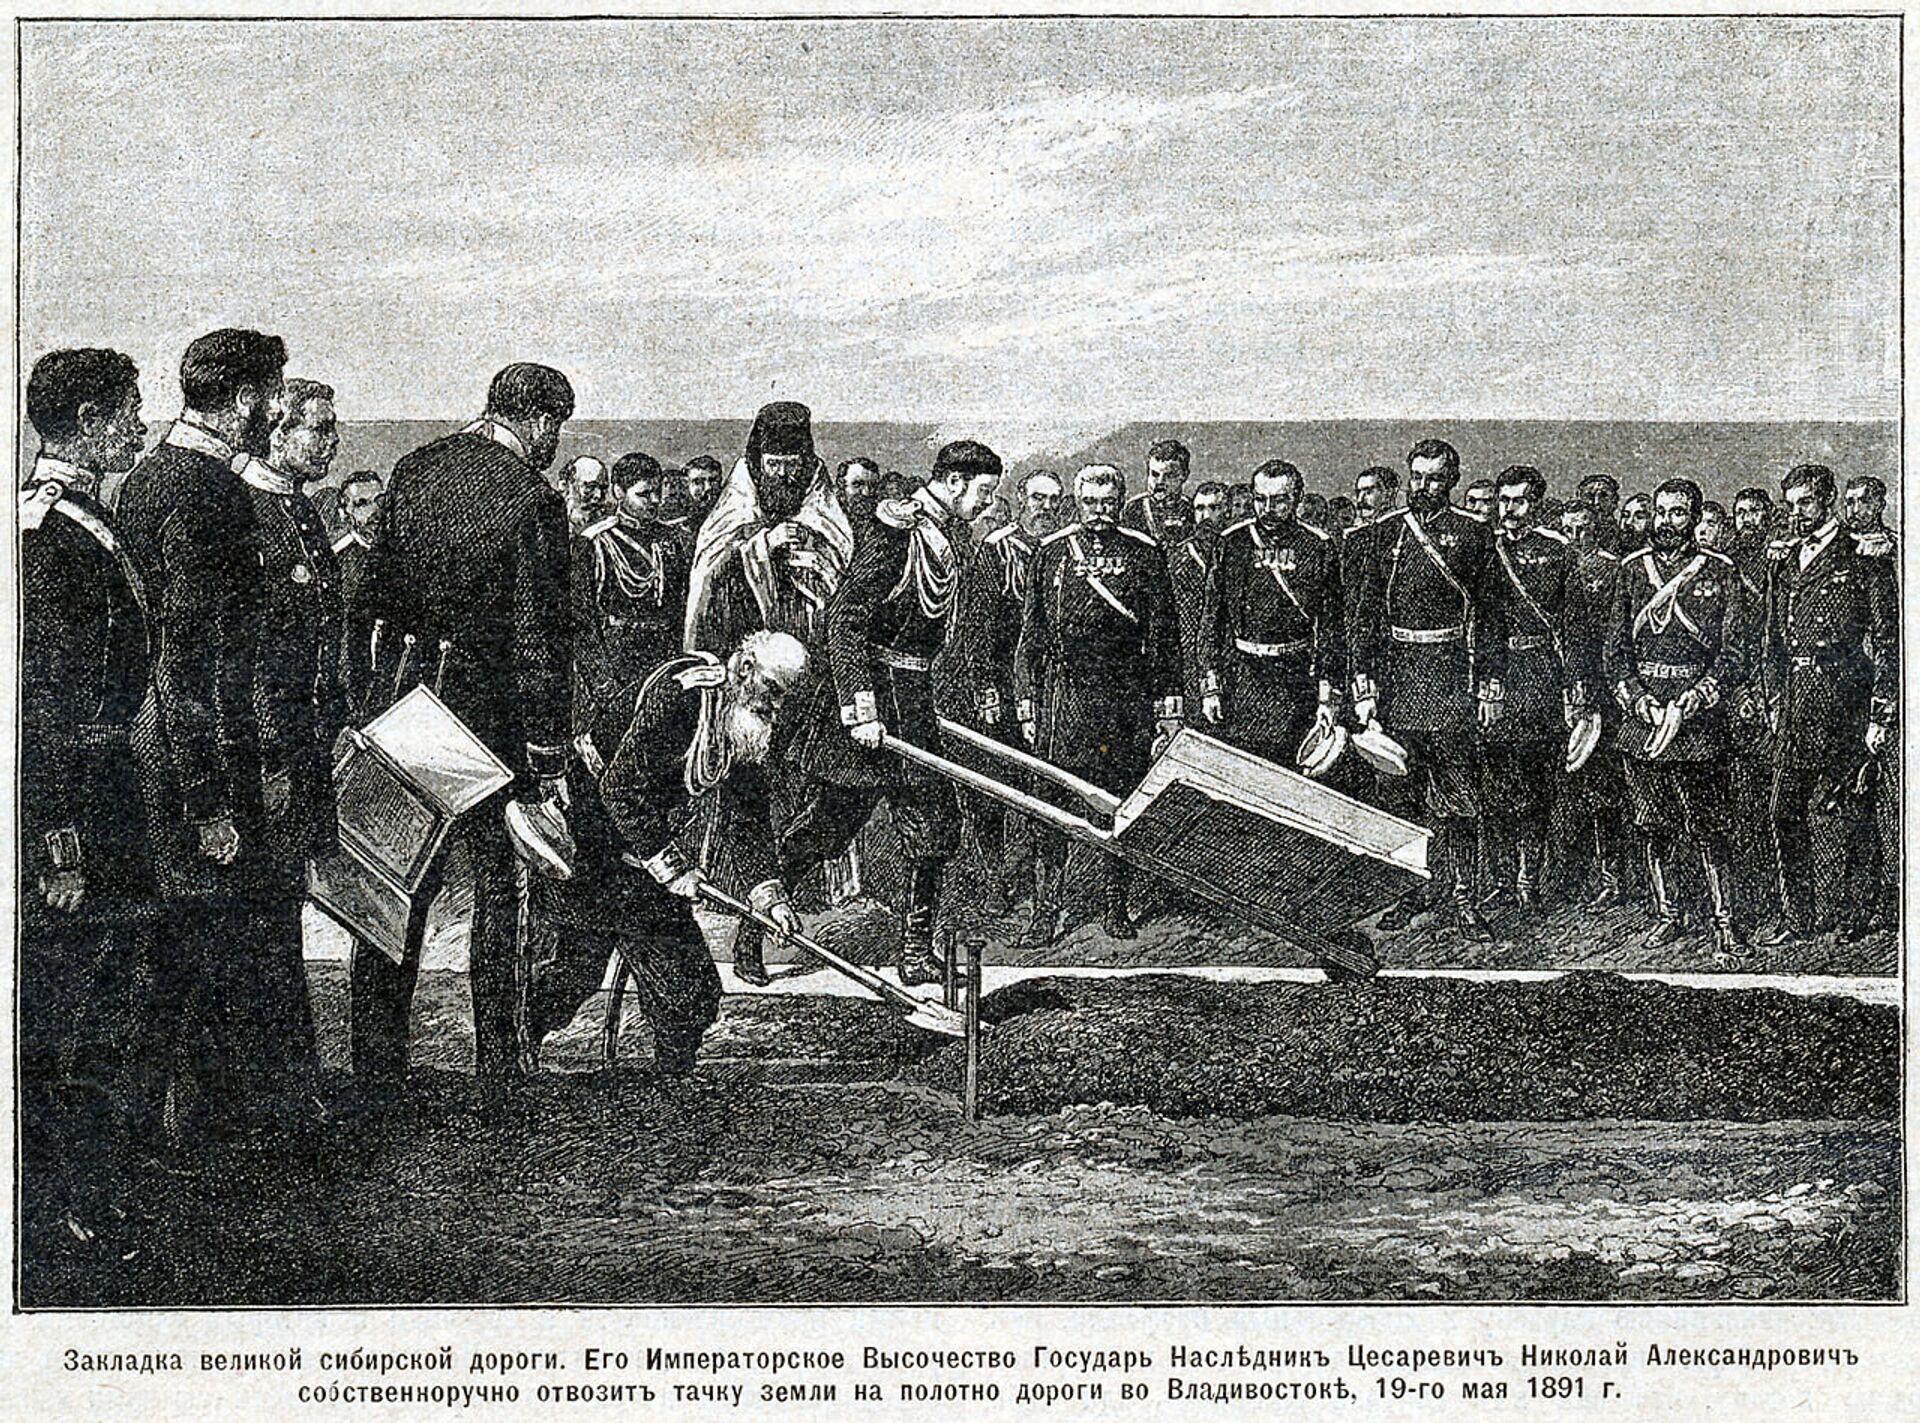 Император Николай II везет тачку с землей к месту начала строительства Транссибирской магистрали. 19 мая 1891 года  - РИА Новости, 1920, 29.07.2021